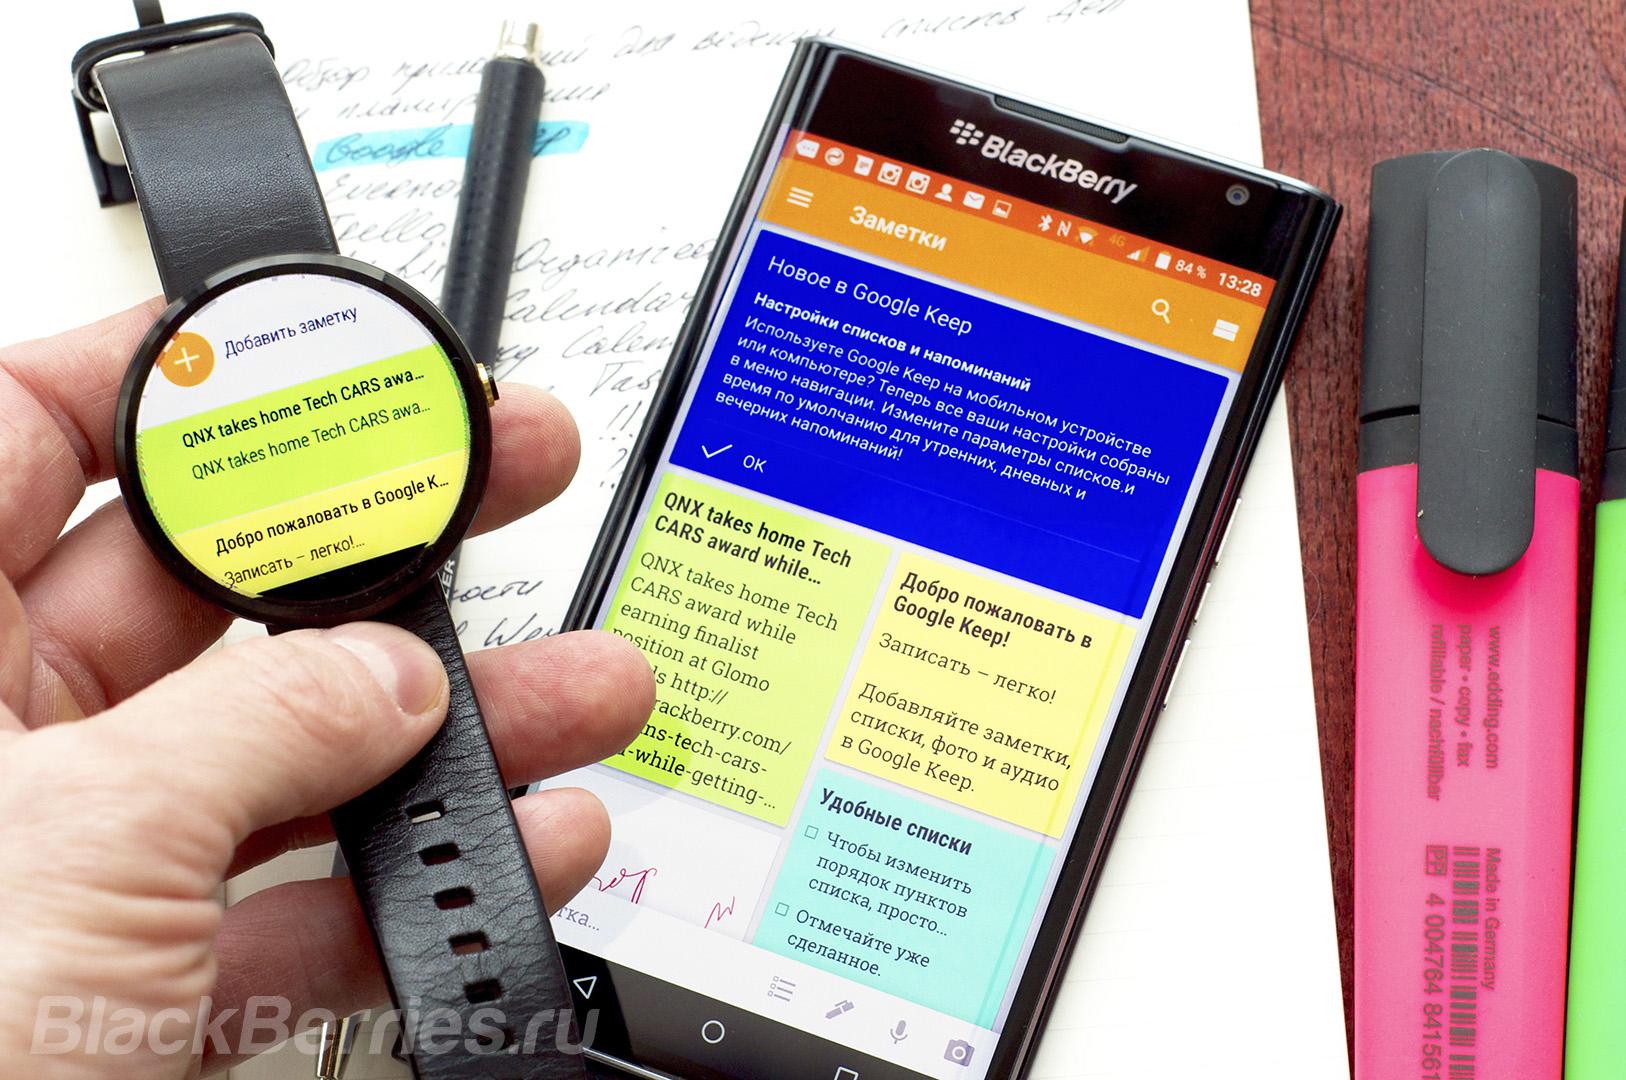 BlackBerry-Apps-20-02-25